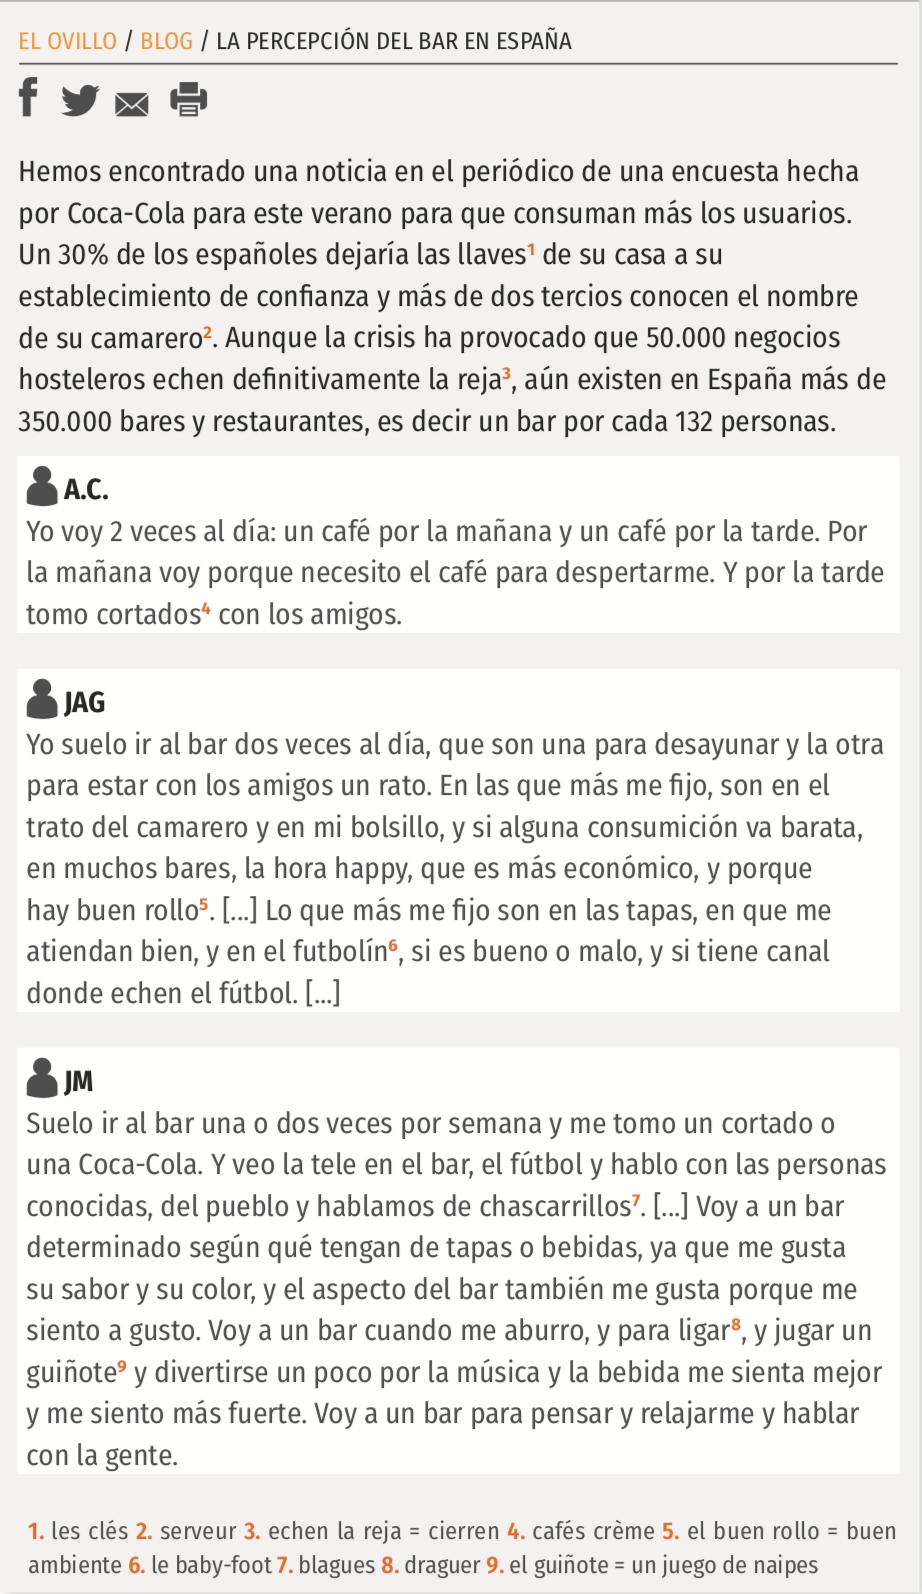 La percepción del bar en España